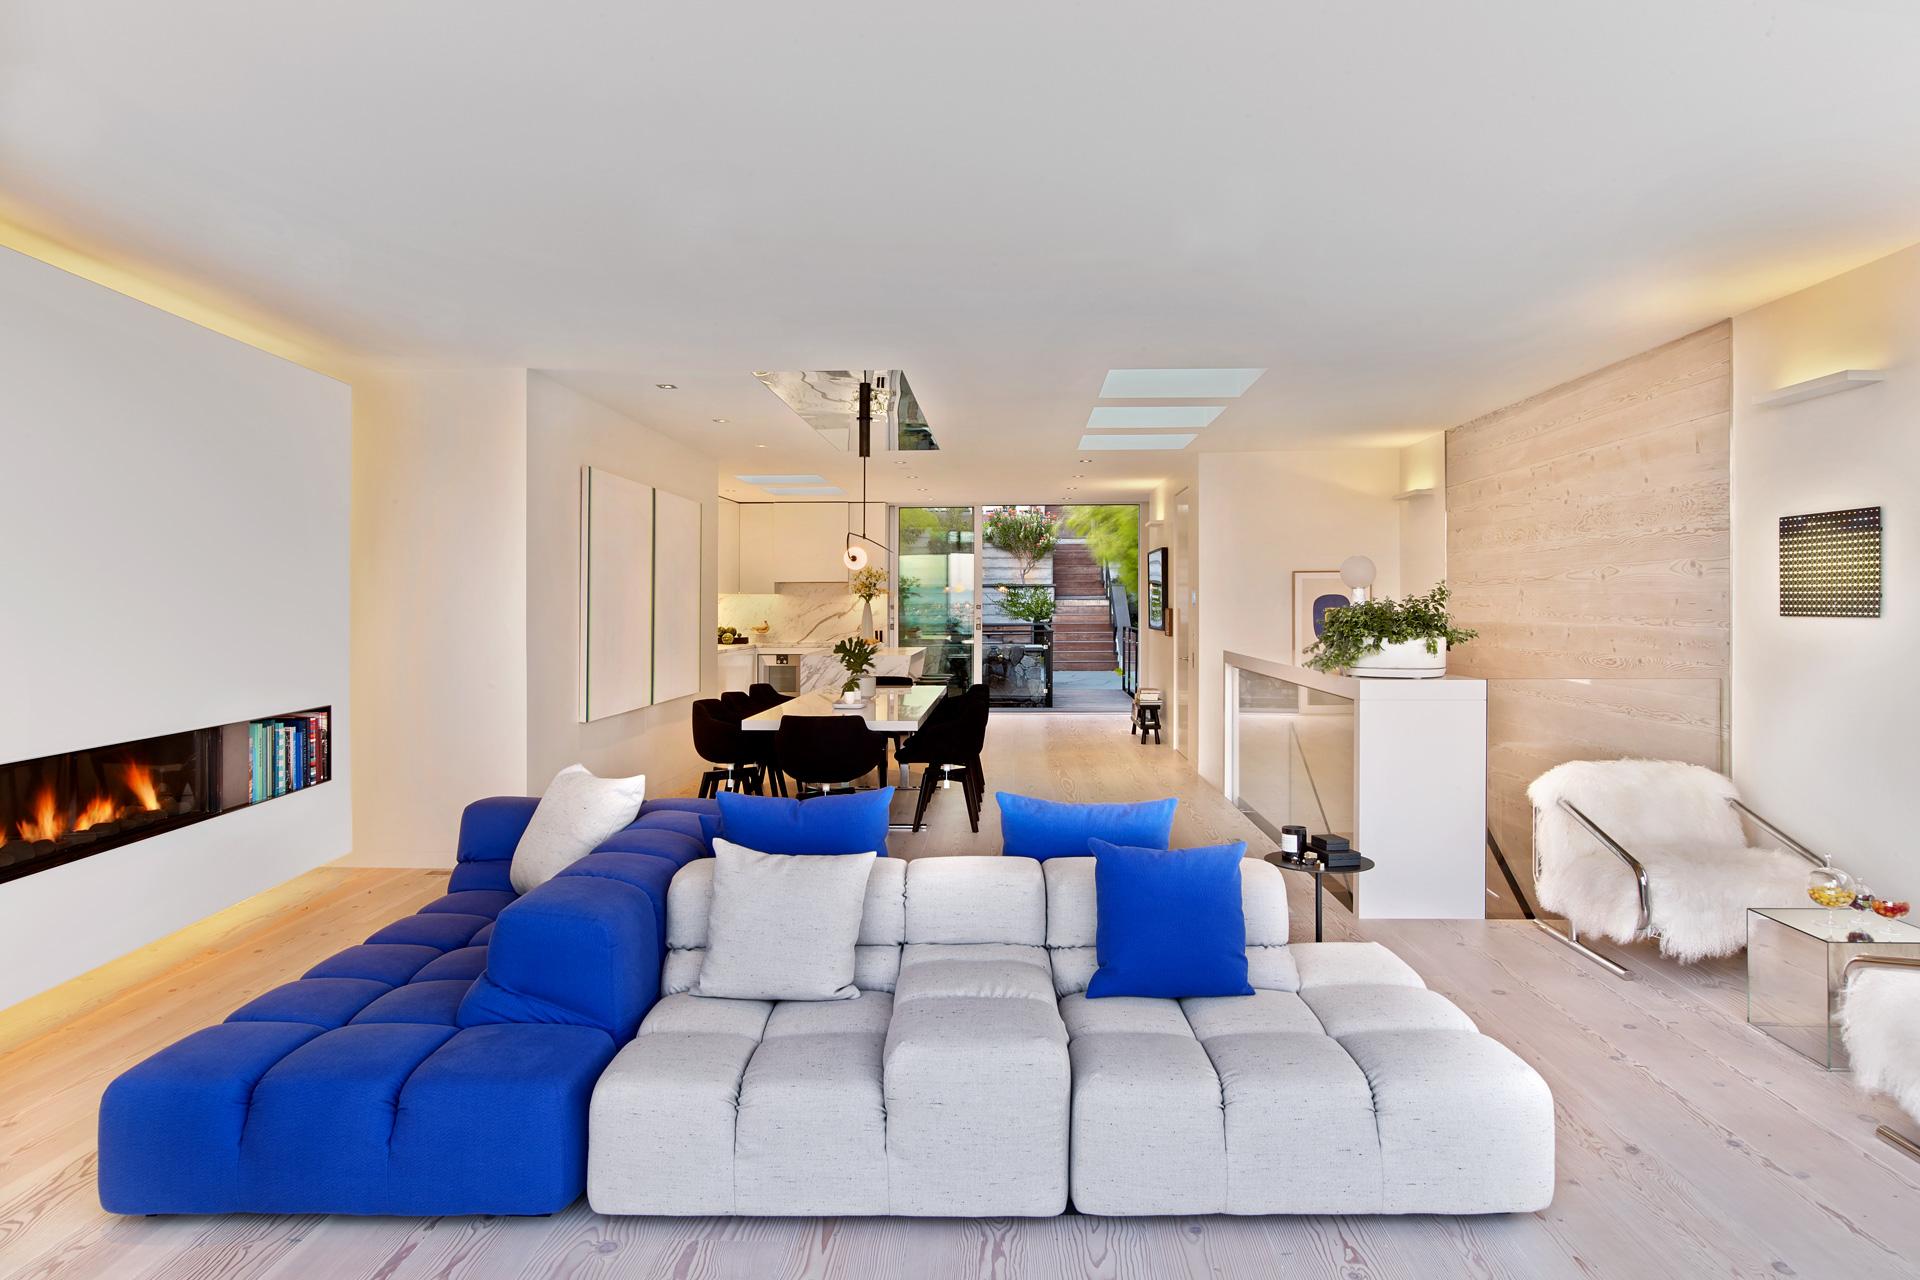 Glen Park Residence interiors